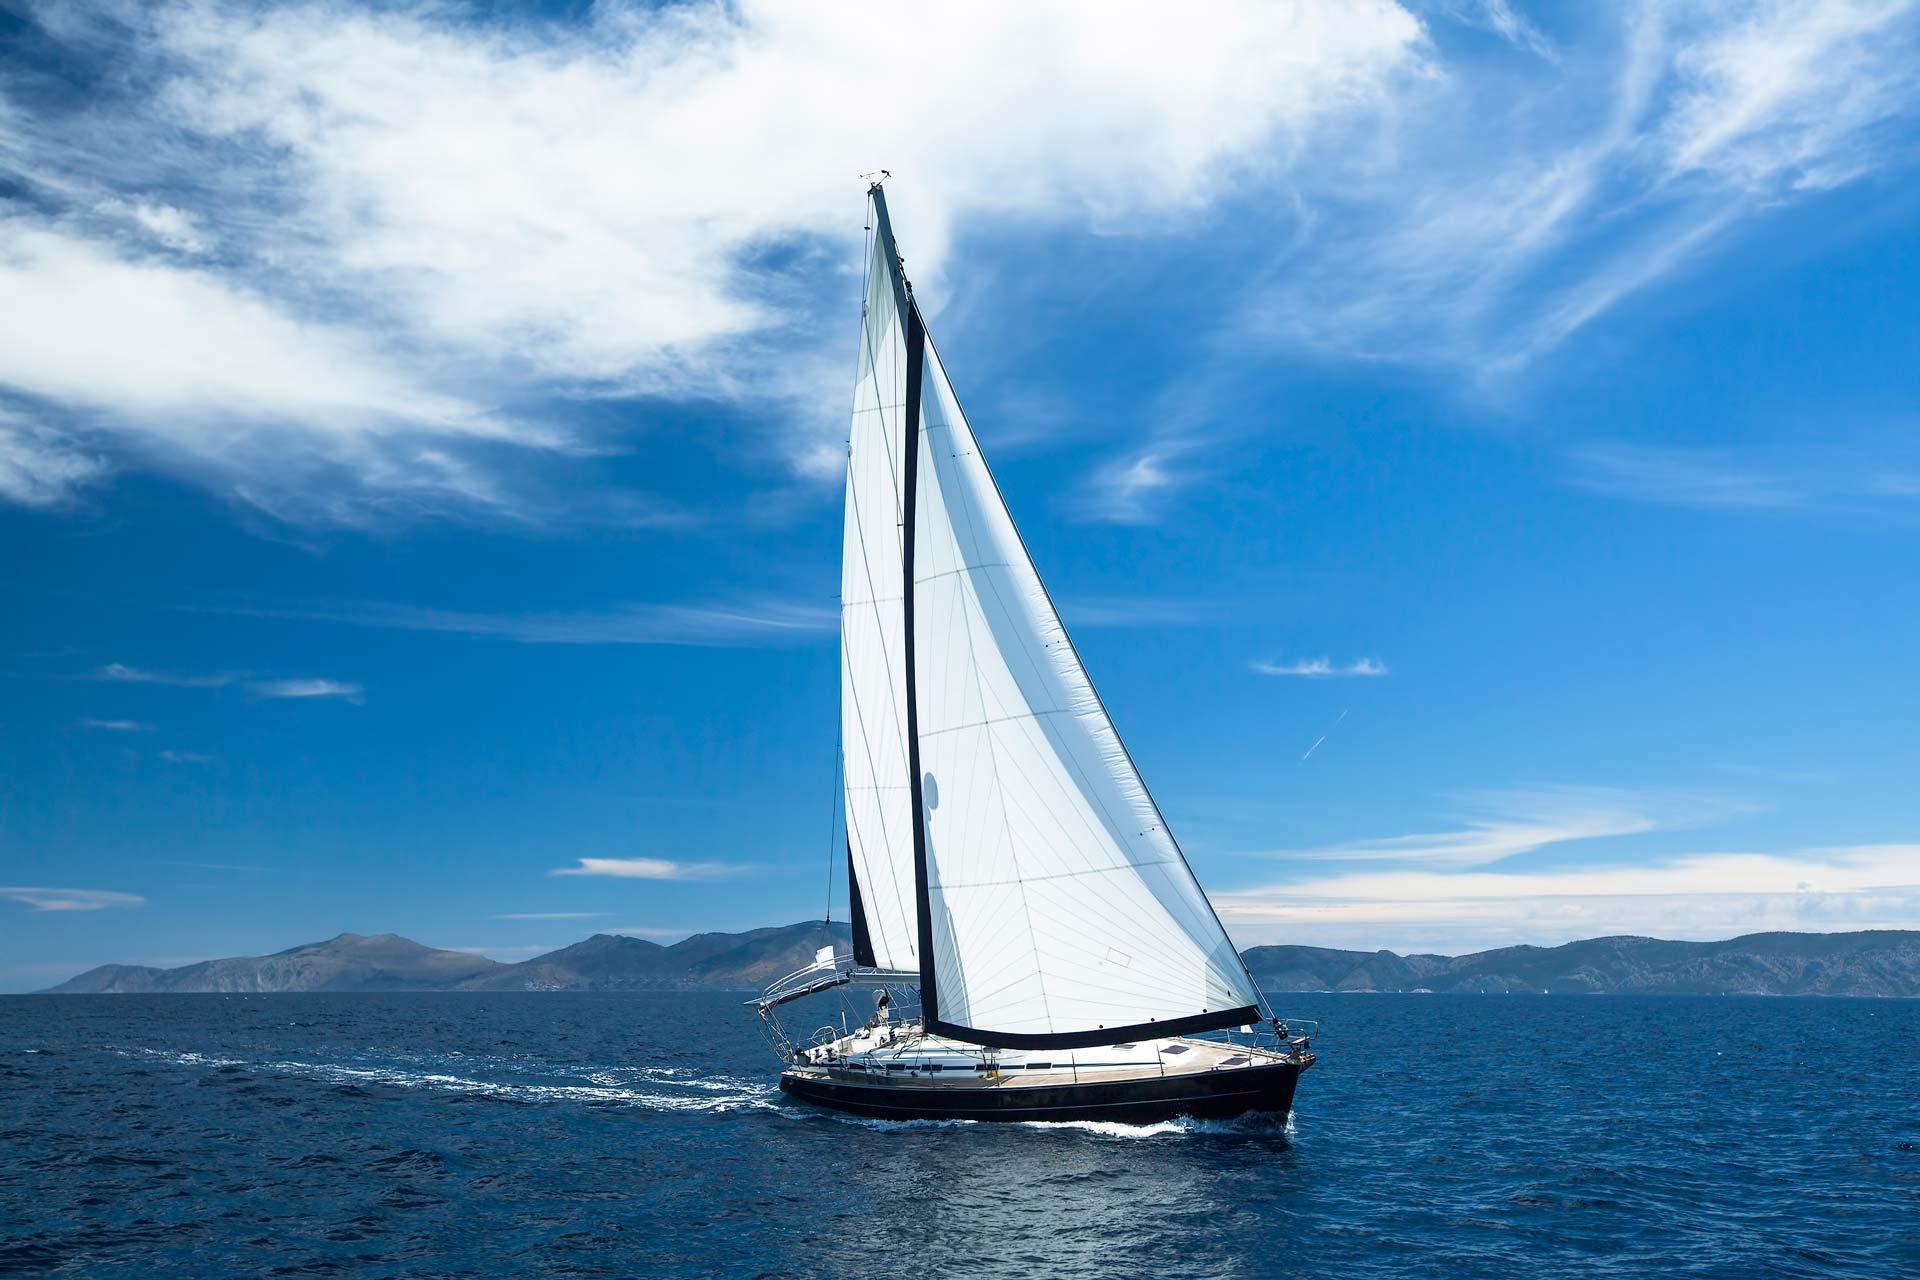 Navegar barco de vela